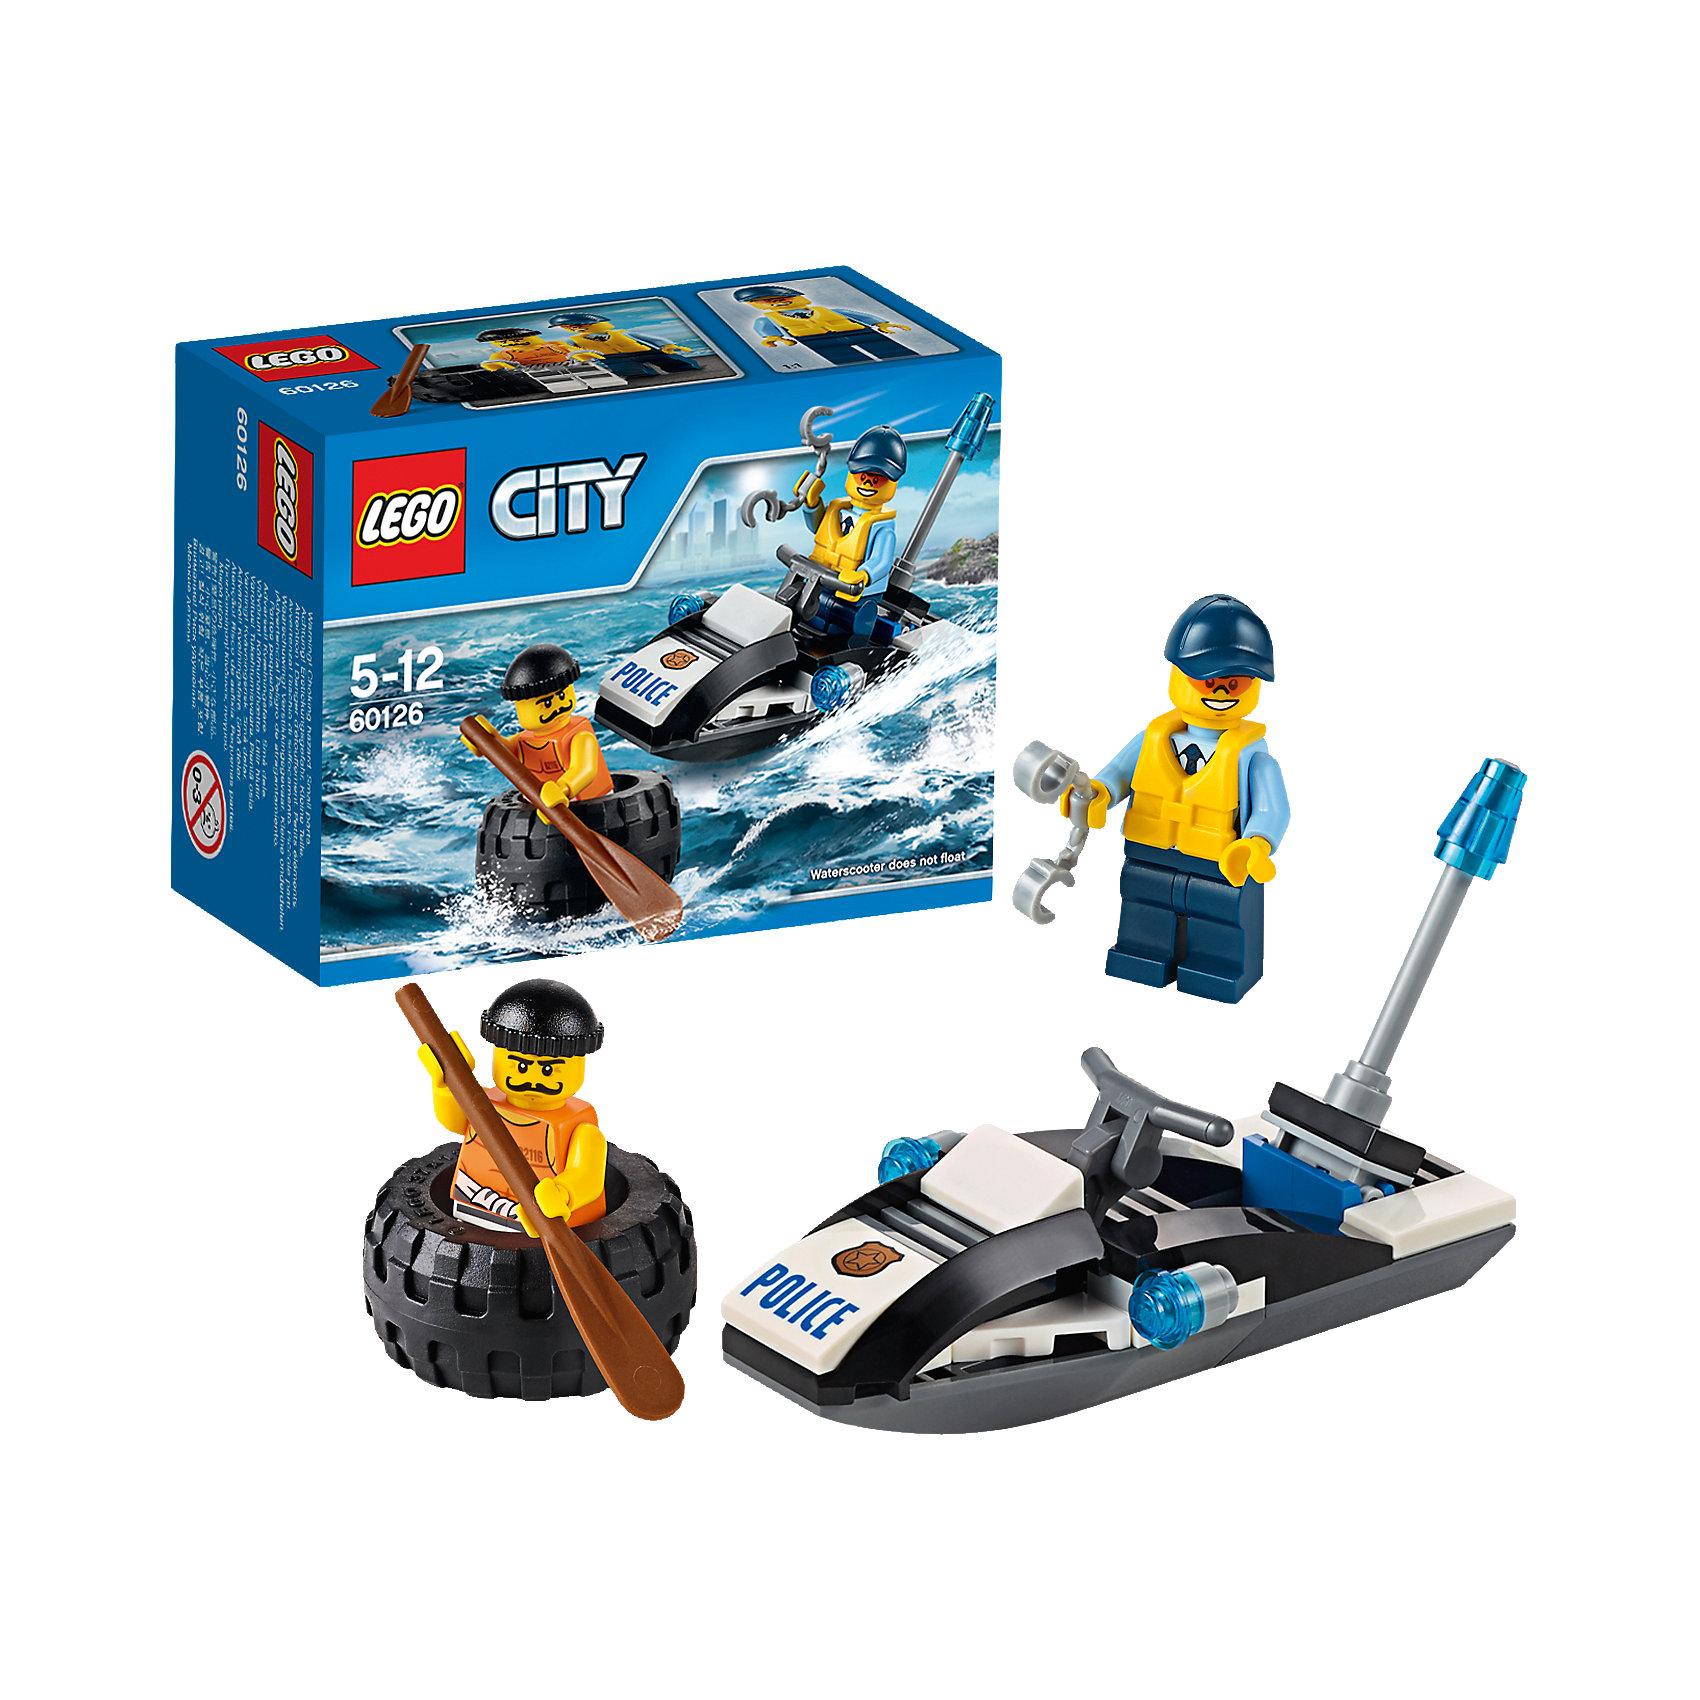 LEGO City 60126: Побег в шине